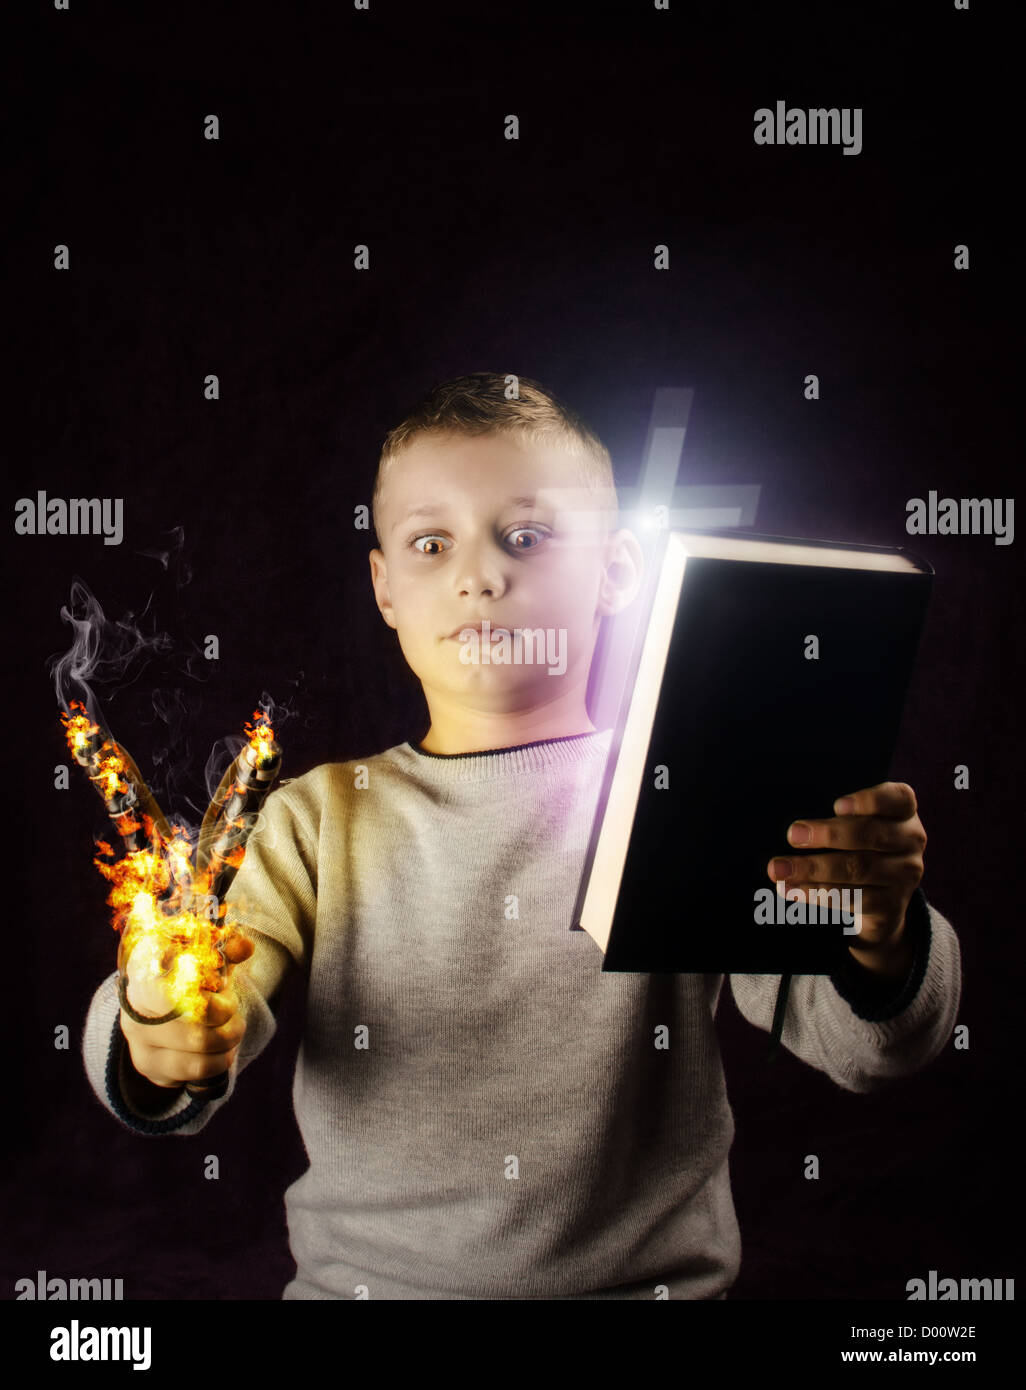 Niño mirando a un tirachinas sobre el fuego y tratando de tomar una decisión Imagen De Stock